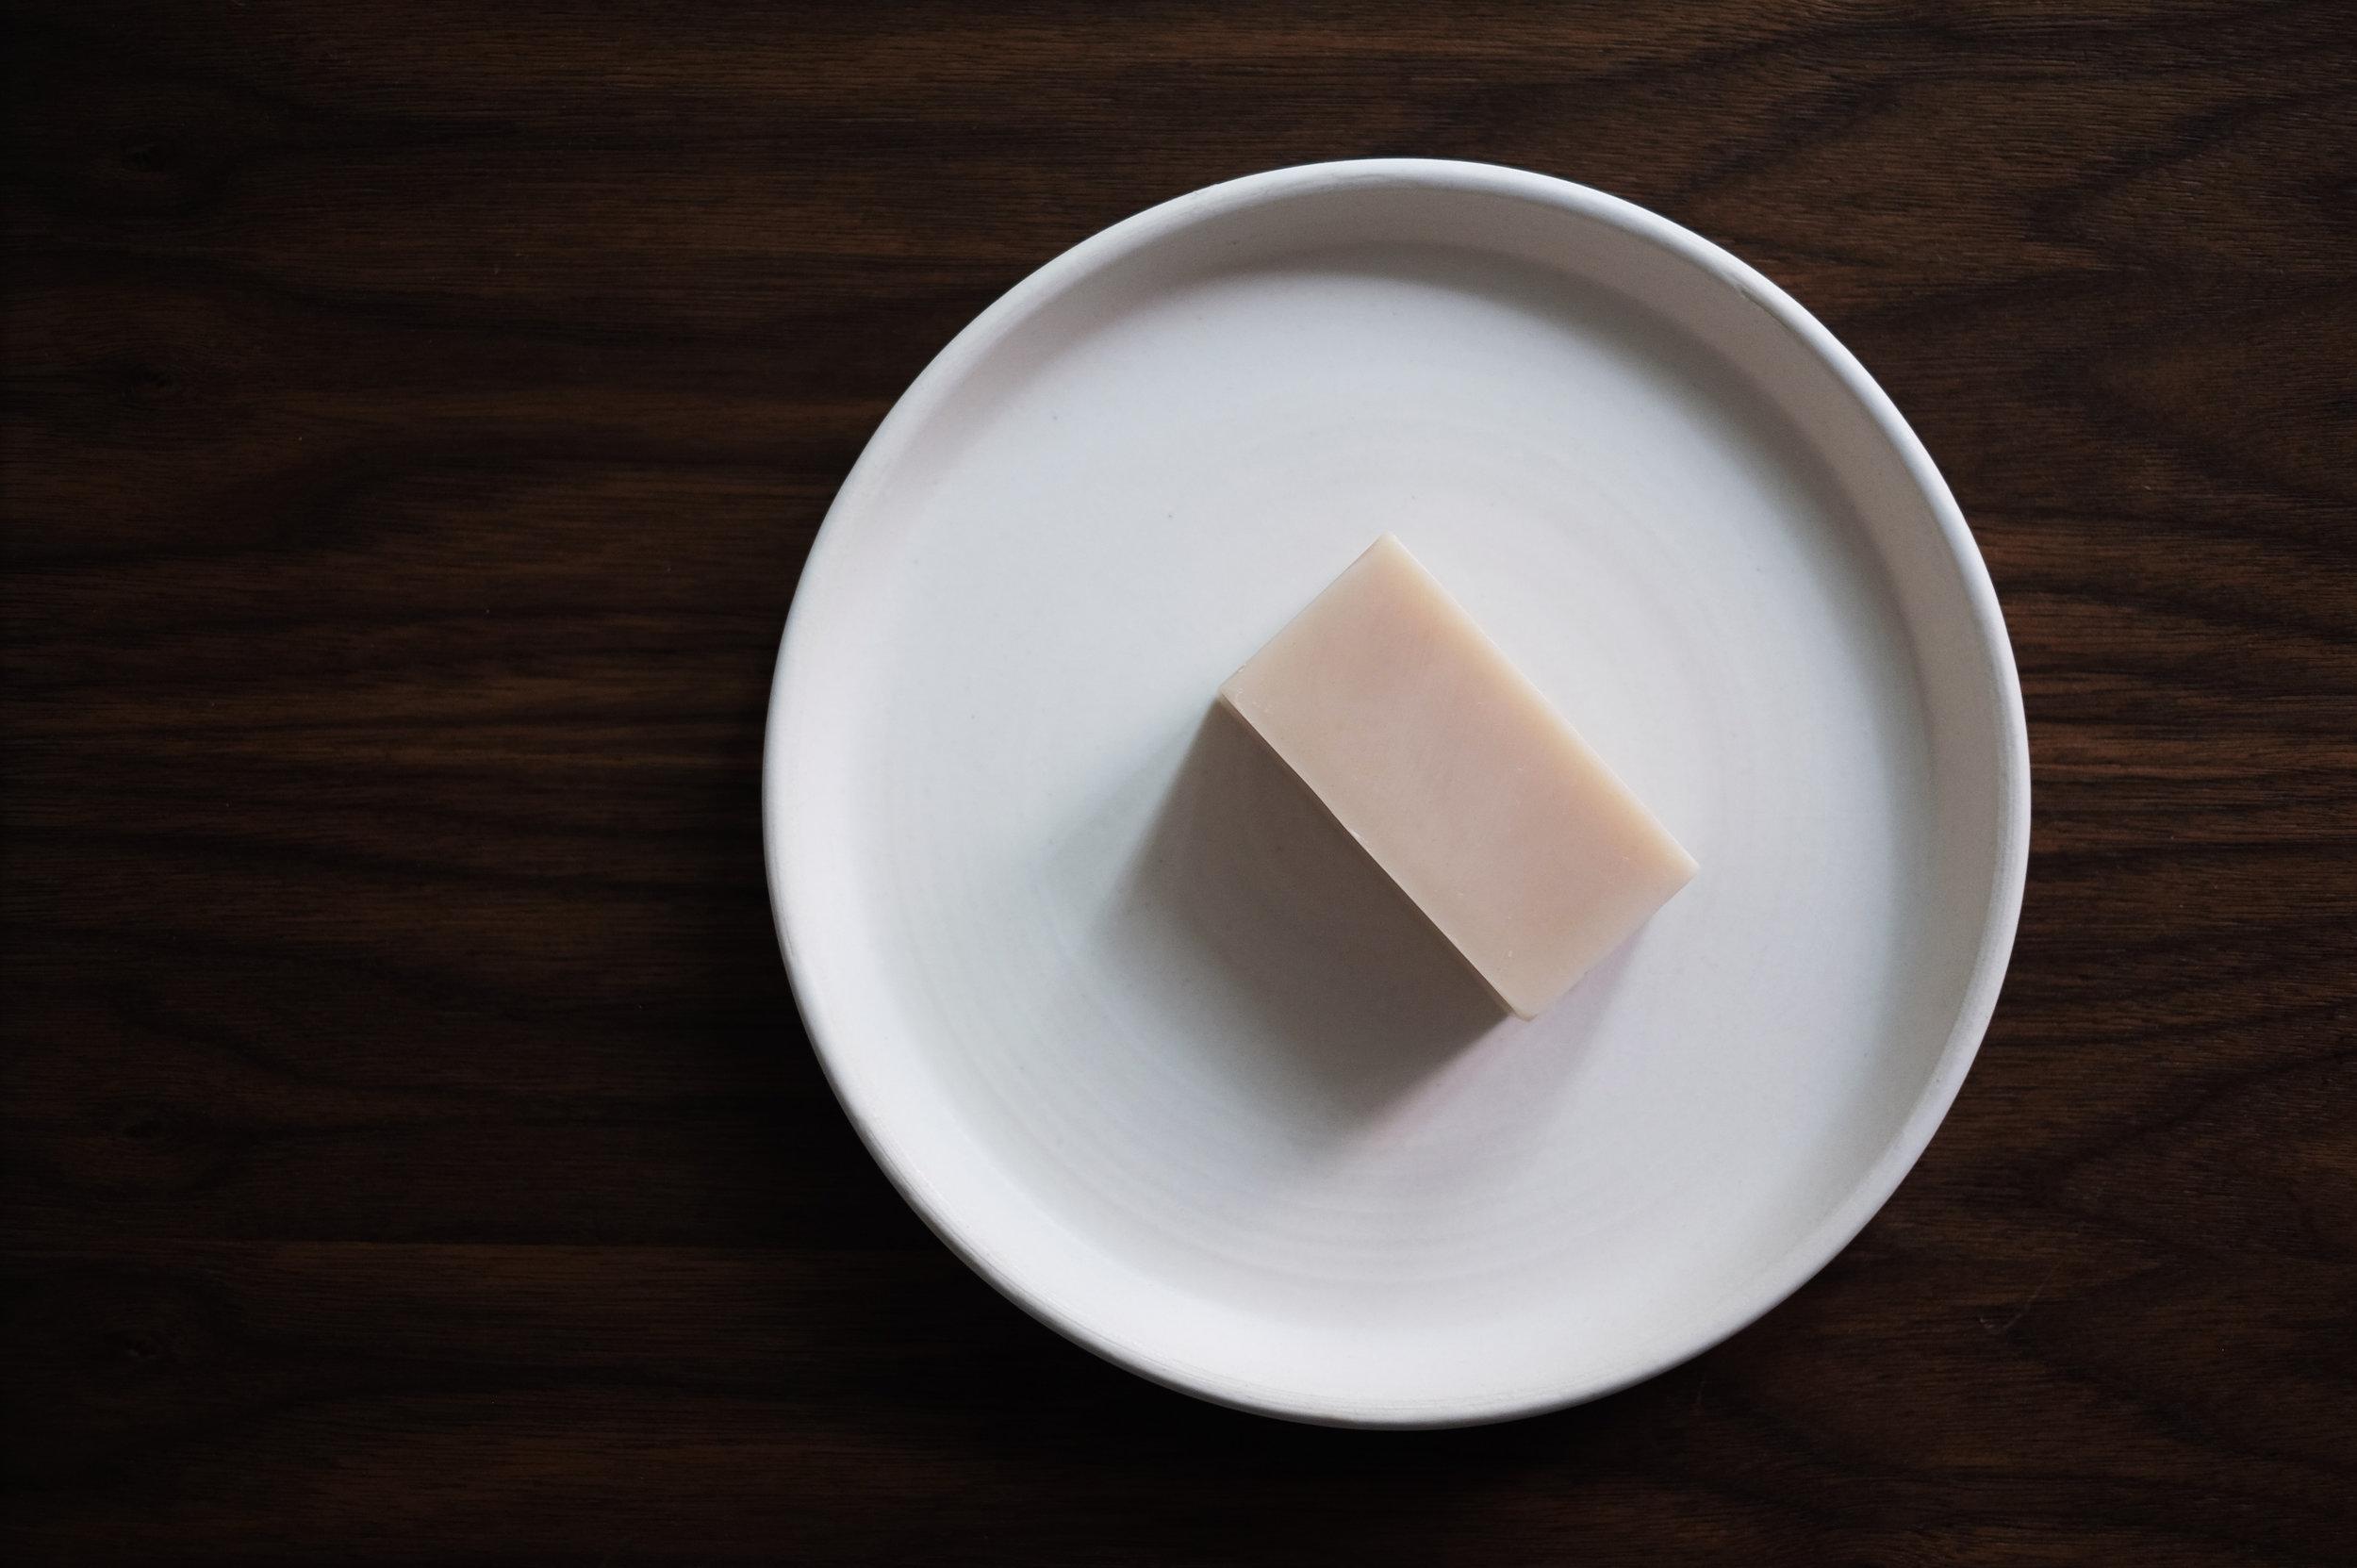 BINU BINU   Hibiscus Clay Facial Soap  / NOTARY CERAMICS   Plate